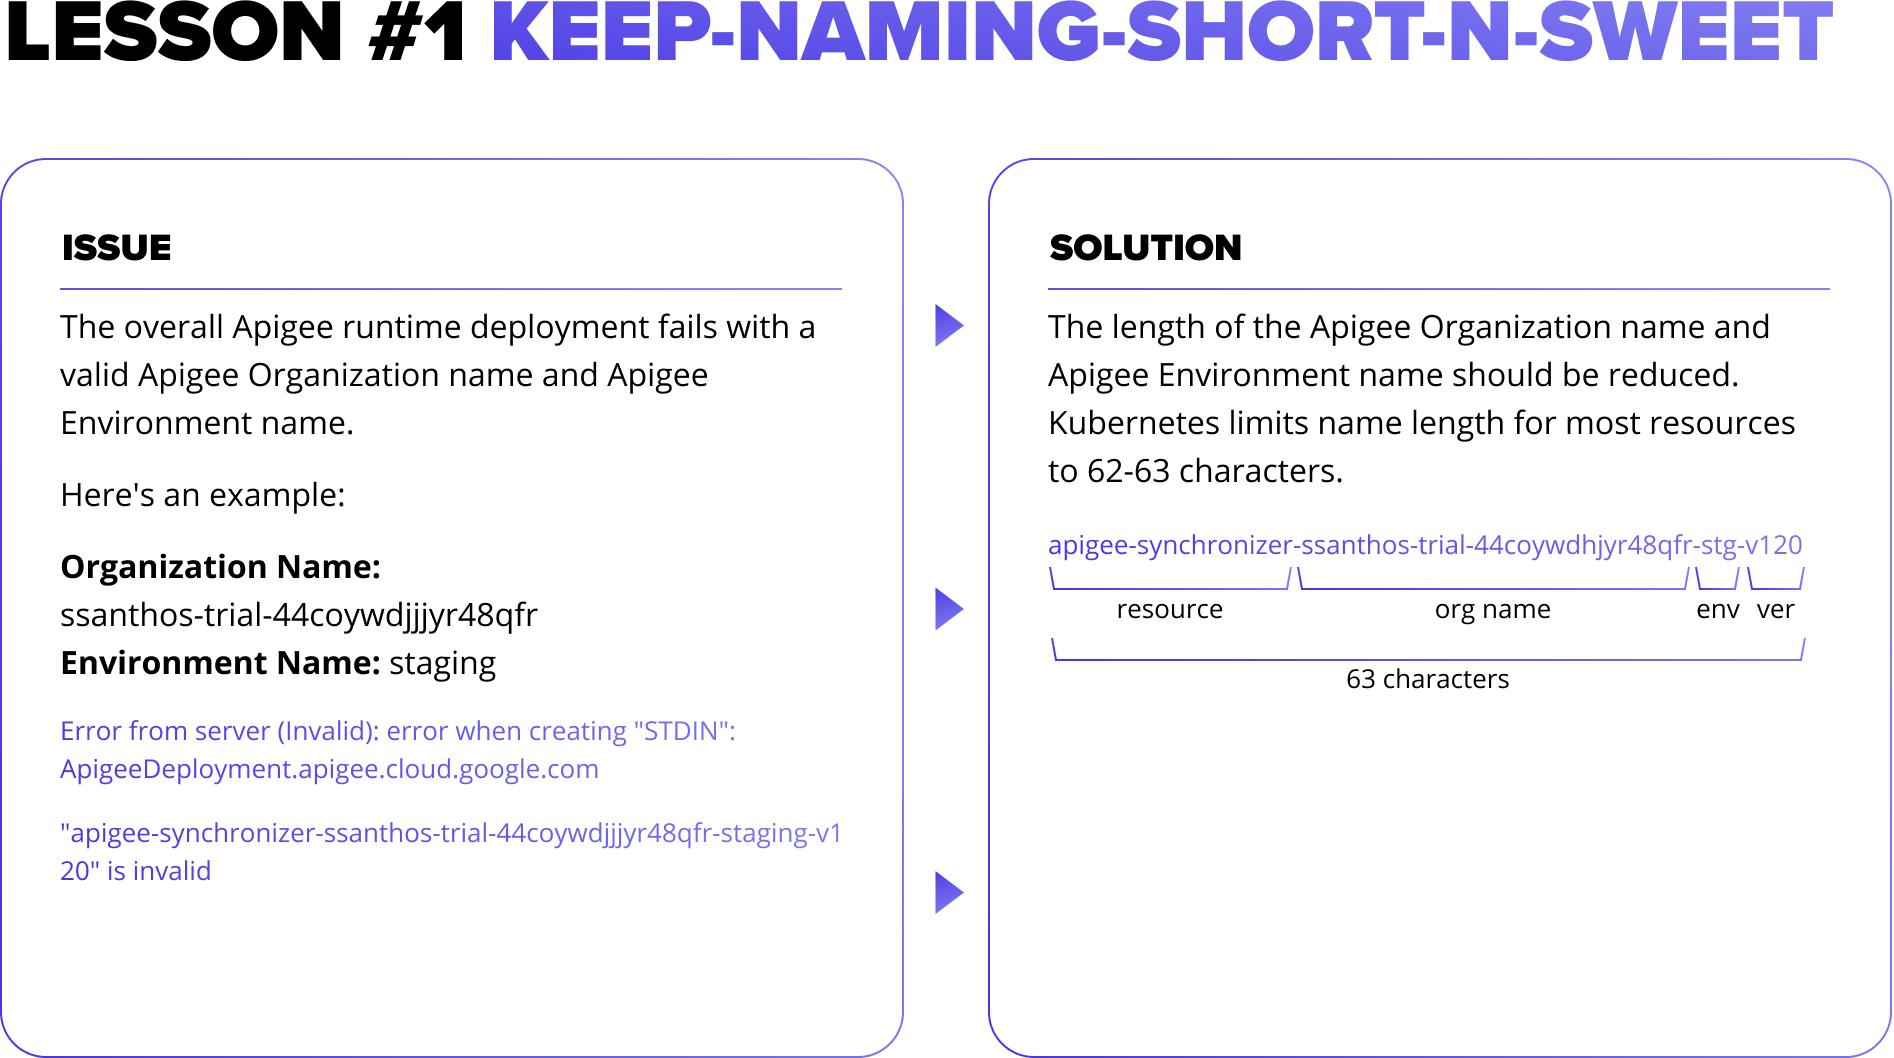 #1: KEEP-NAMING-SHORT-N-SWEET